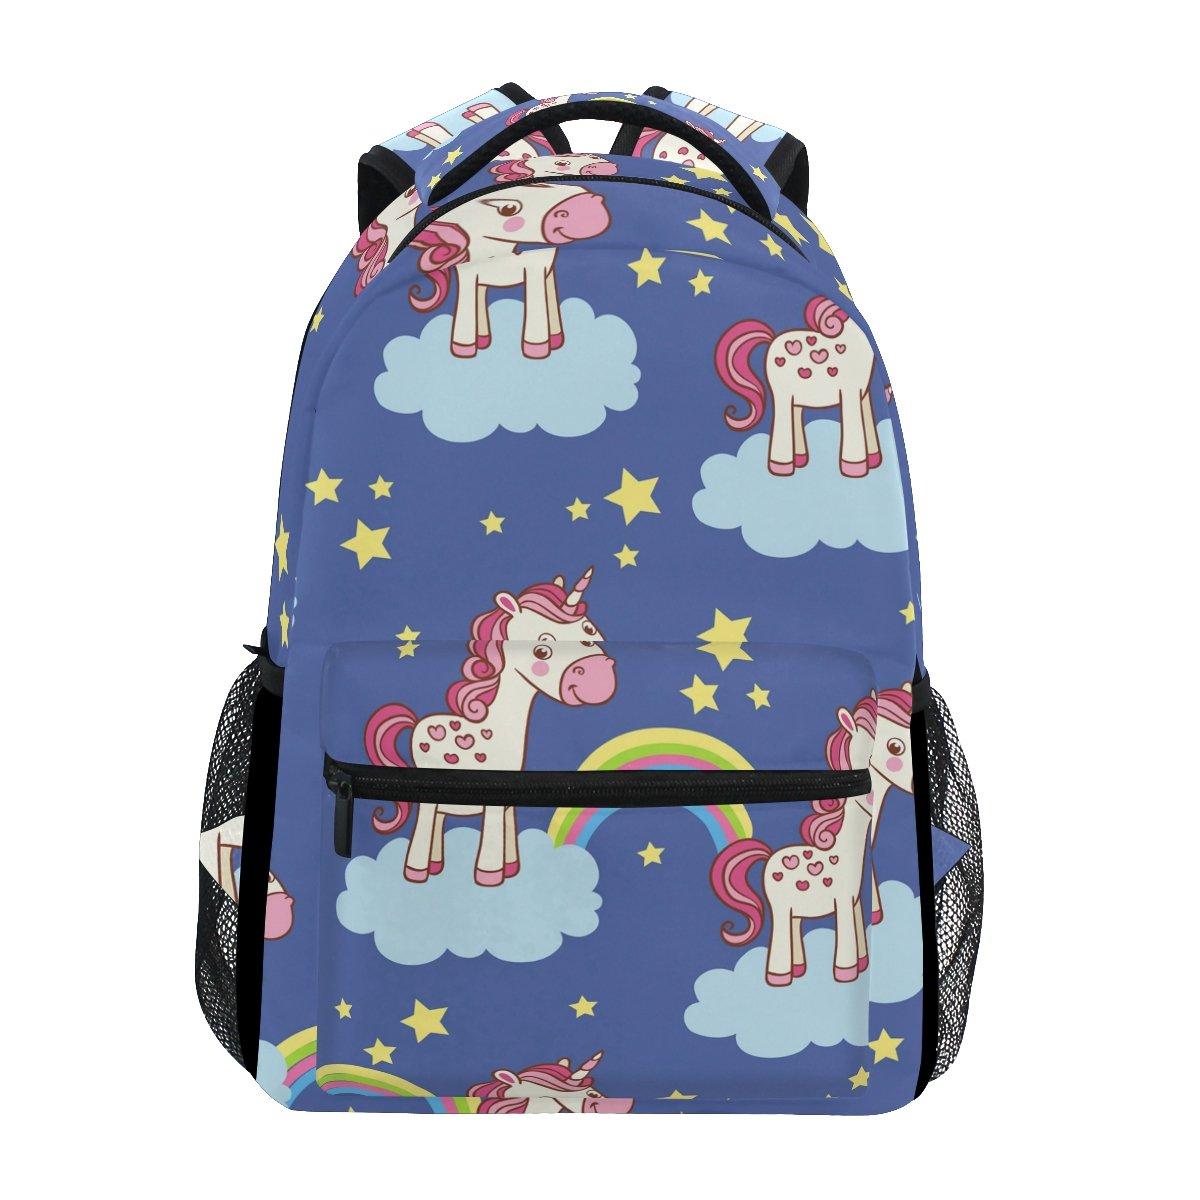 TIZORAX Dessin animé Unicorn Rainbow Bleu Sac à dos Sac d'école pour randonnée Voyage Sac à dos